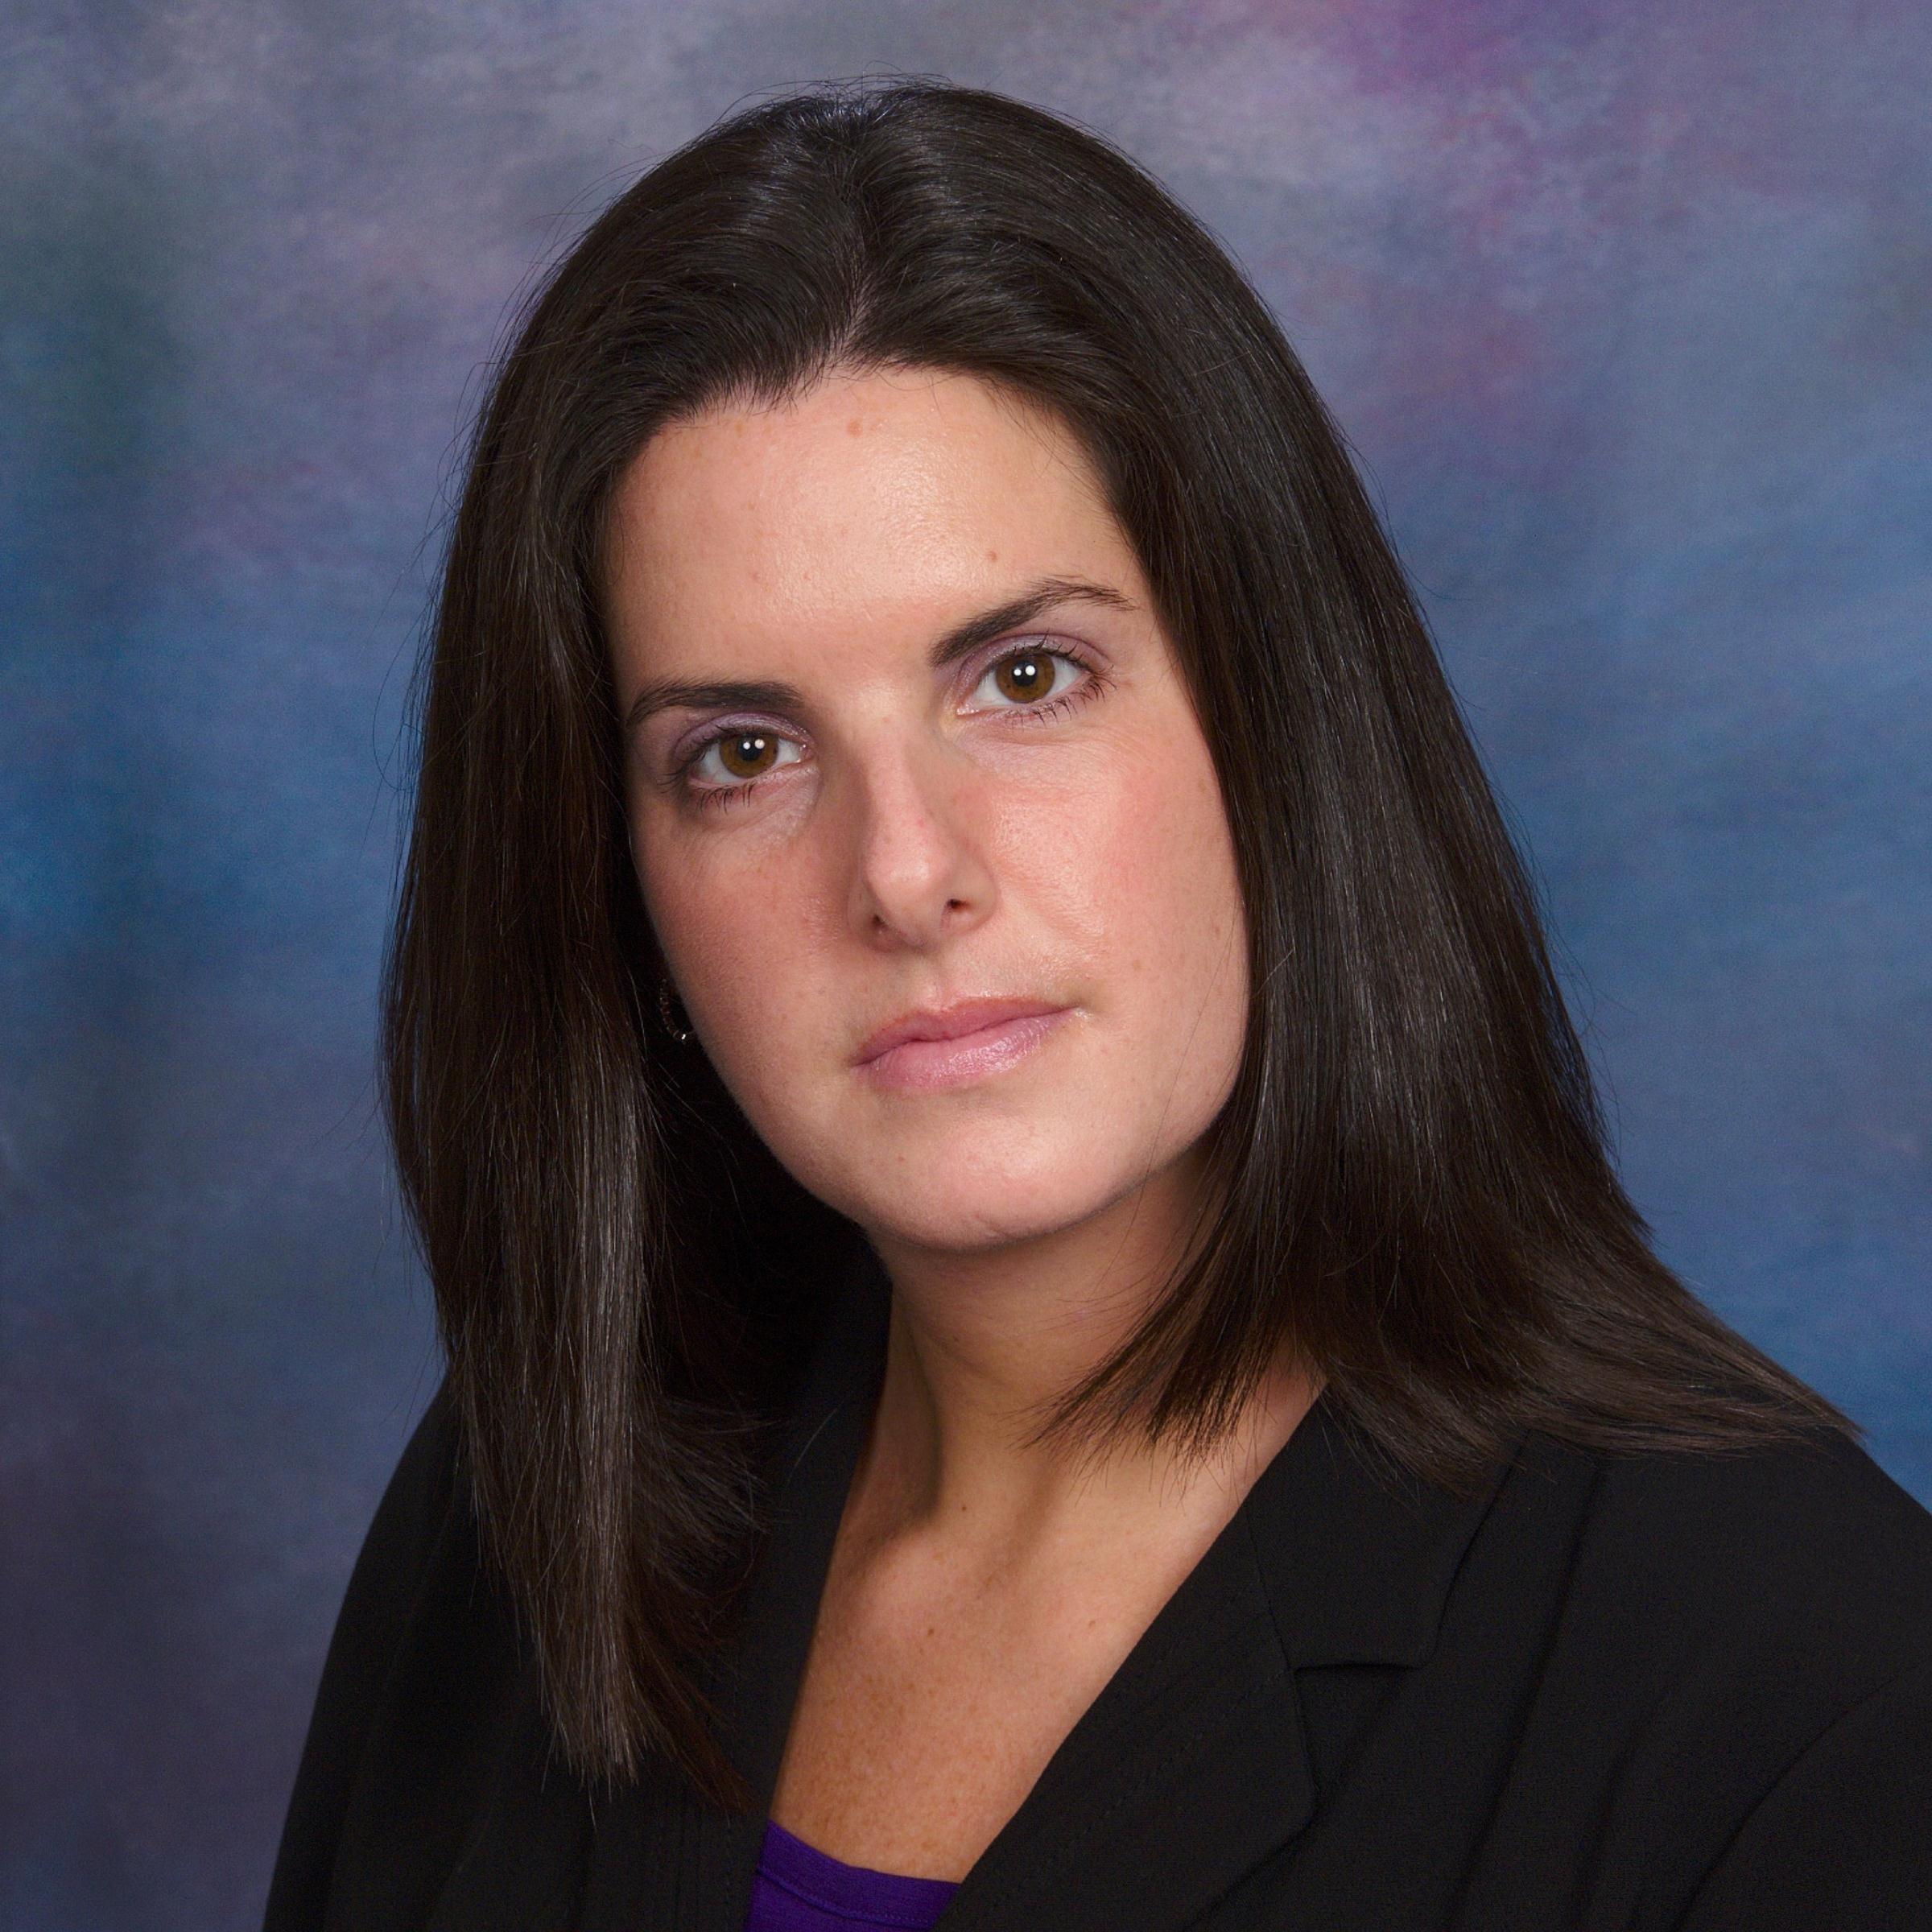 Heather Anne Net Worth